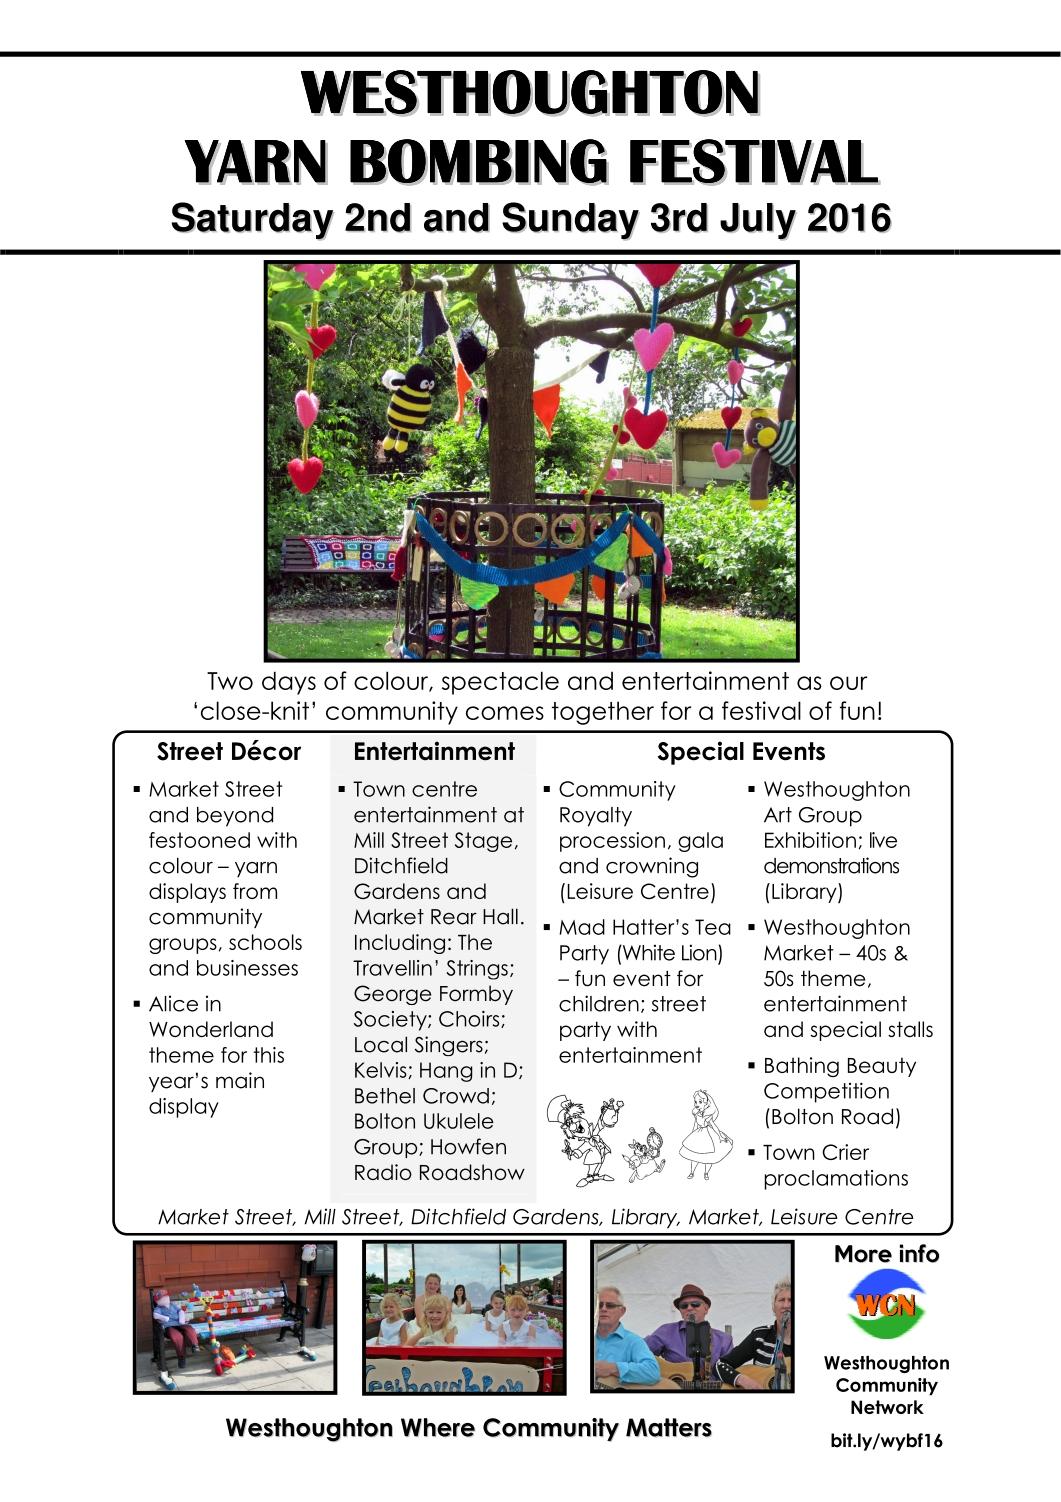 Westhoughton Yarn Bombing Festival 2016 - Alice In Wonderland theme